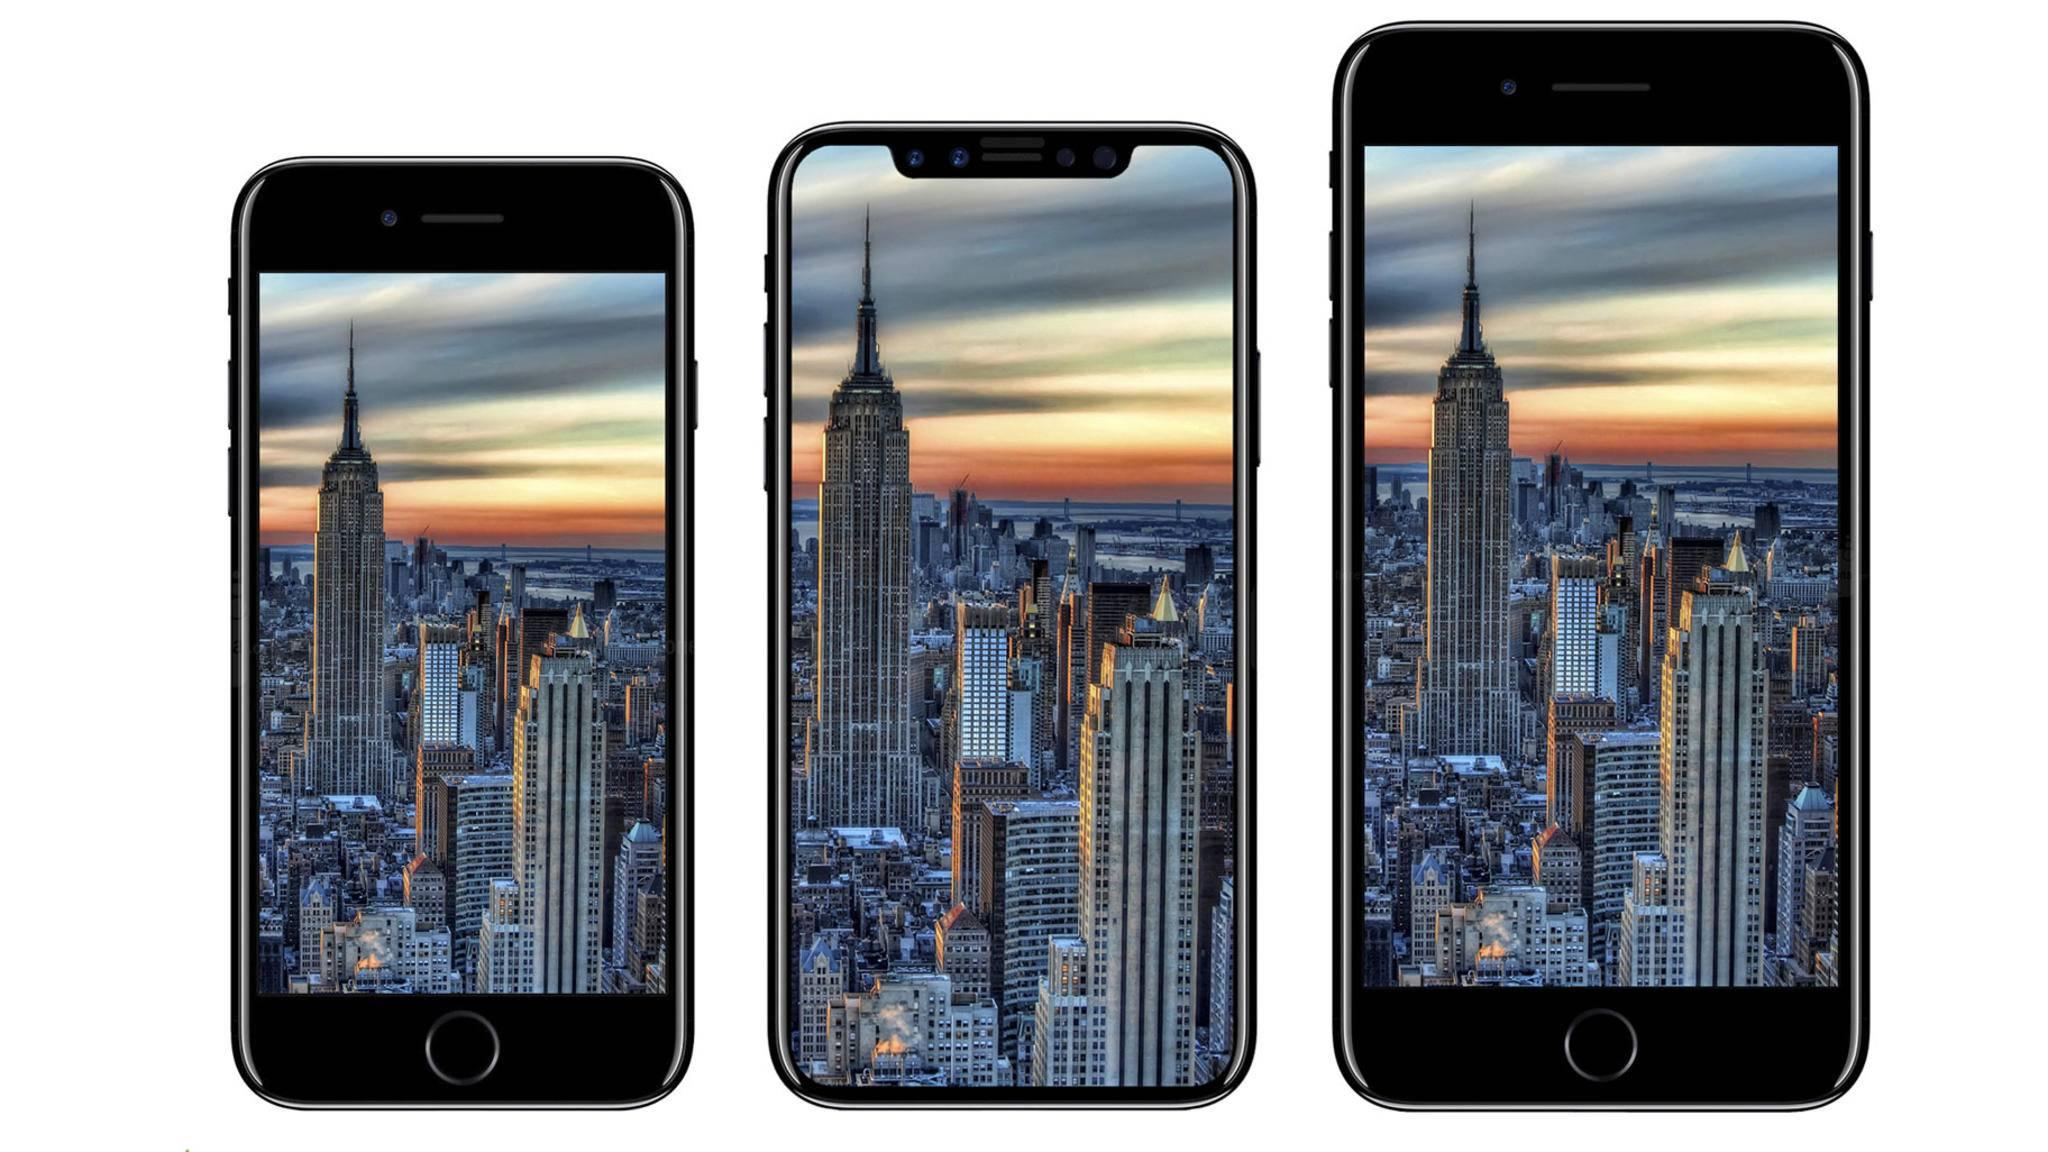 Stimmen die geleakten Abmessungen, wird sich das iPhone 8 größenmäßig zwischen dem iPhone 7 (links) und dem iPhone 7 Plus (rechts) positionieren.